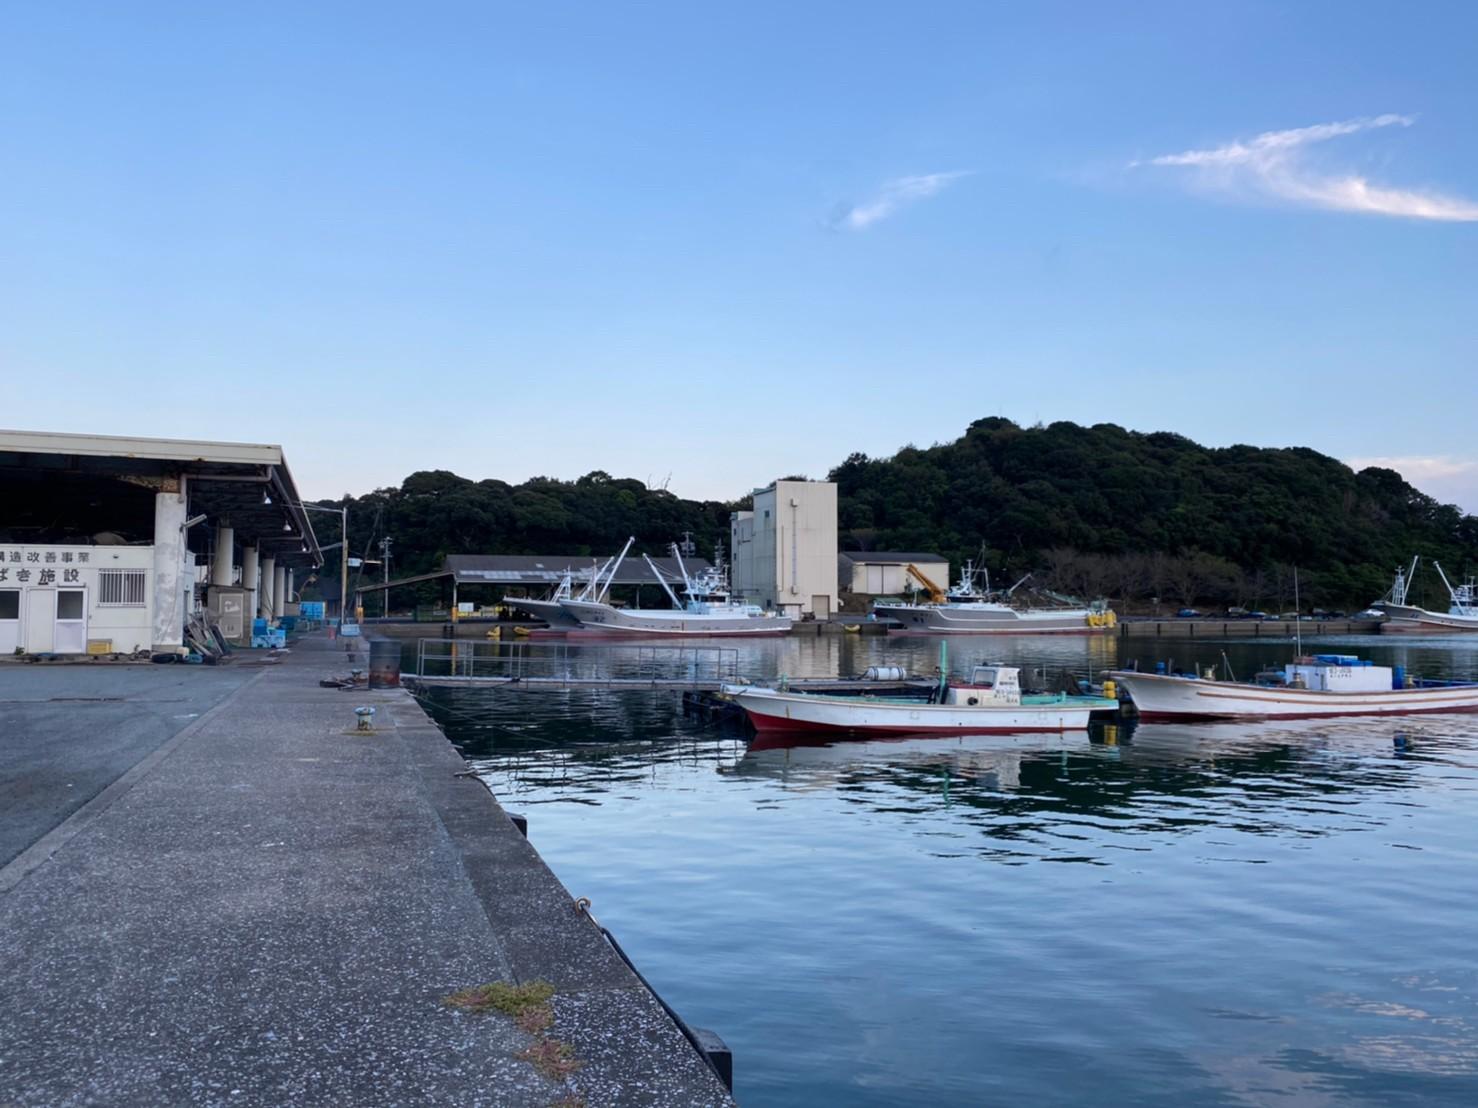 【三重県南伊勢町】『贄浦漁港(にえうらぎょこう)』の海釣りガイド(釣れる魚・駐車場・トイレ)